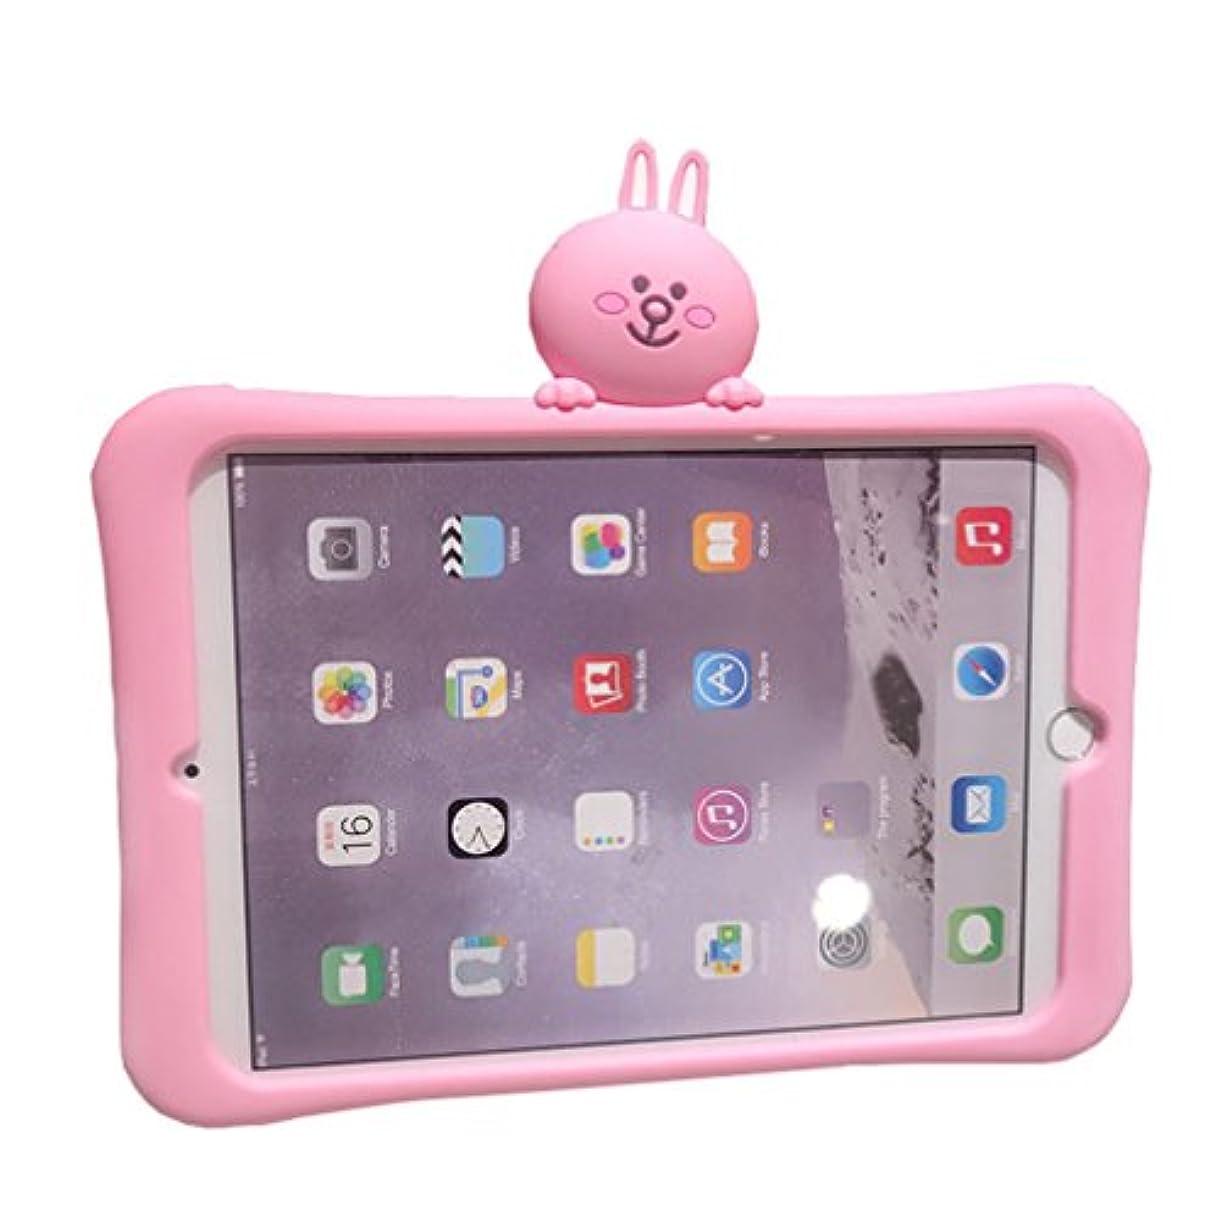 私たちセッション楽しいSistersfashion iPad2018第6世代 iPadPro10.5 子供 タブレットカバー iPad2017第5世代 iPadPro9.7 iPadAir キッズ 耐衝撃 Air2 iPadmini32 mini4 かわいい こども ピンク